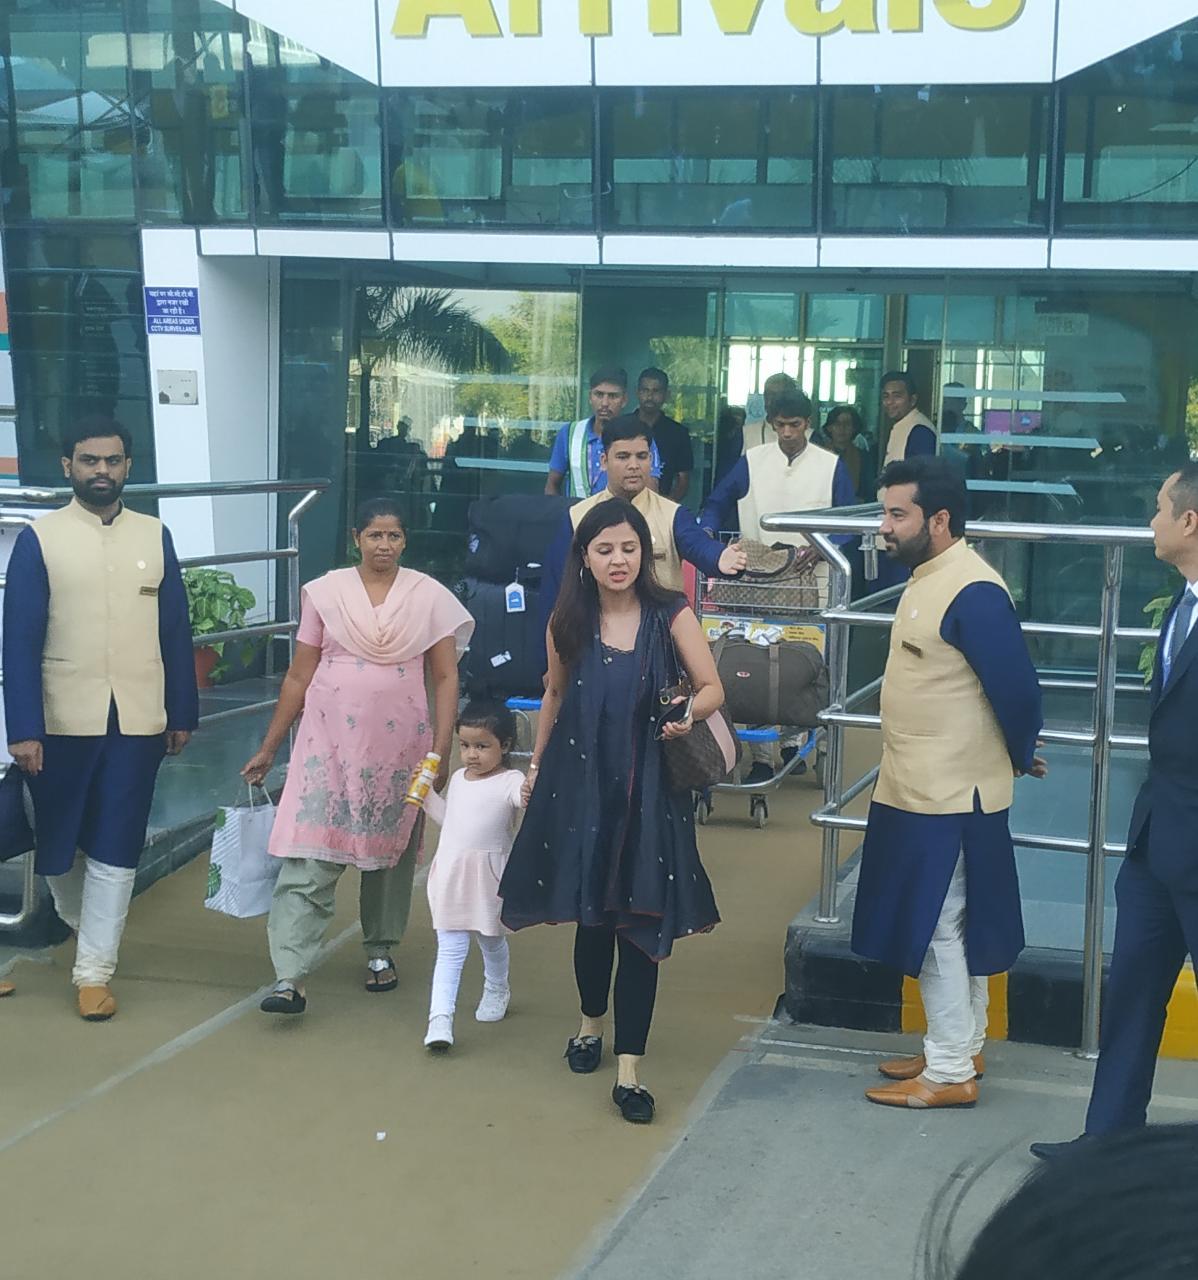 भारतीय क्रिकेट टीम के पूर्व कप्तान महेंद्र सिंह धोनी की पत्नी साक्षी धोनी और बेटी जीवा, ईशा और आनंद के प्री-वेडिंग फंक्शन में शामिल होने के लिए पहुंच चुकी हैं.